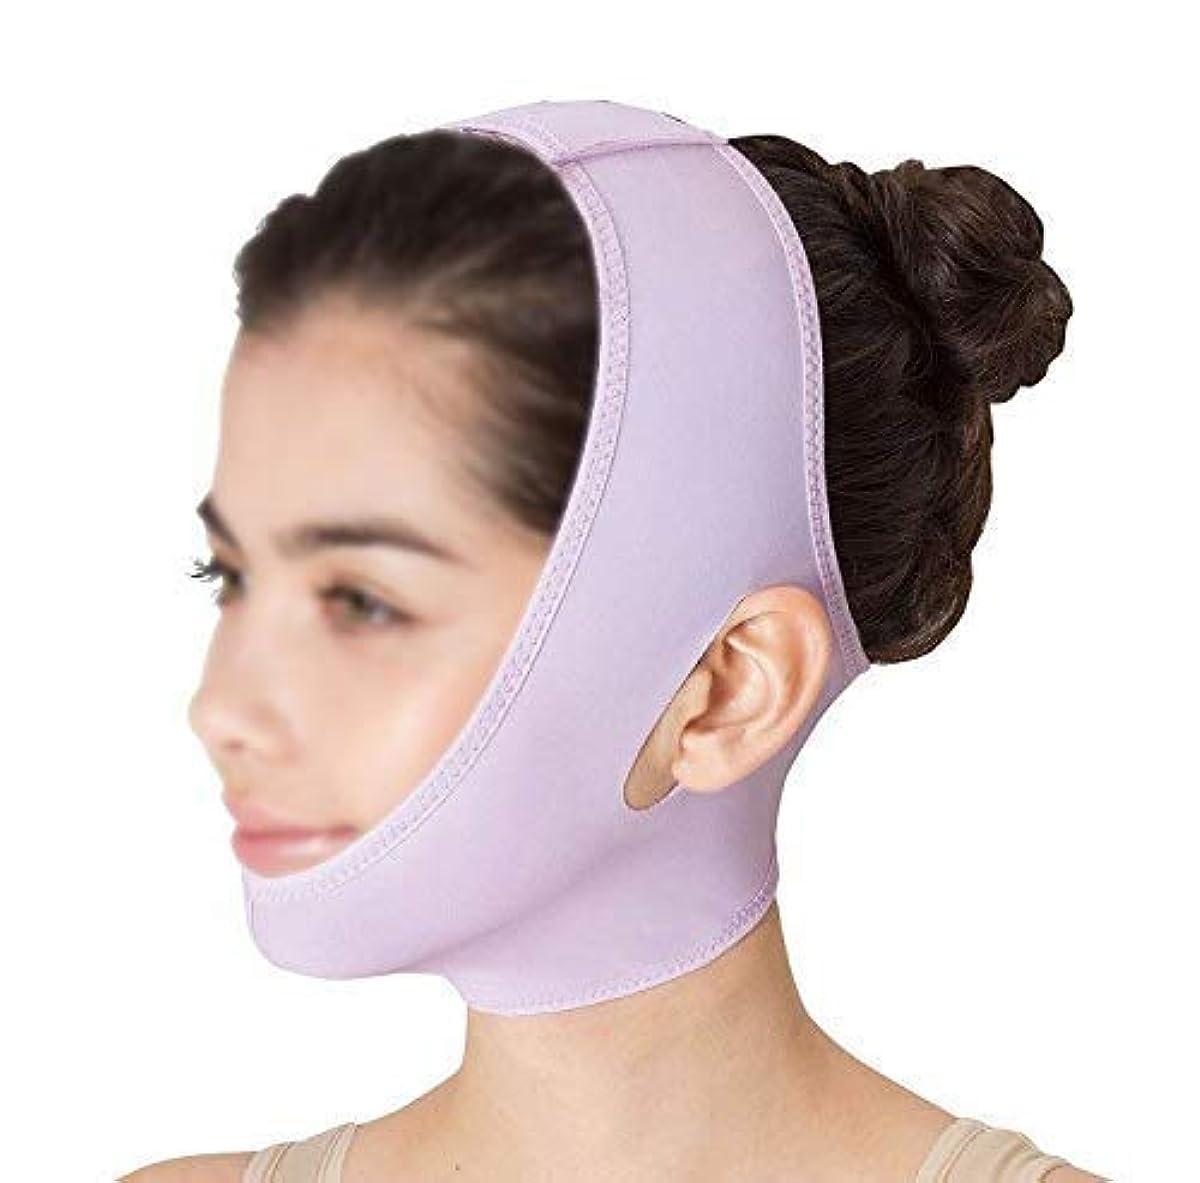 配管工凍るデザートフェイシャルマスク、リフティングアーティファクトフェイスマスク垂れ下がった小さなVフェイスバンデージ付きの顔 スリーピングフェイスダブルチンチンセットスリープエラスティックスリミングベルト